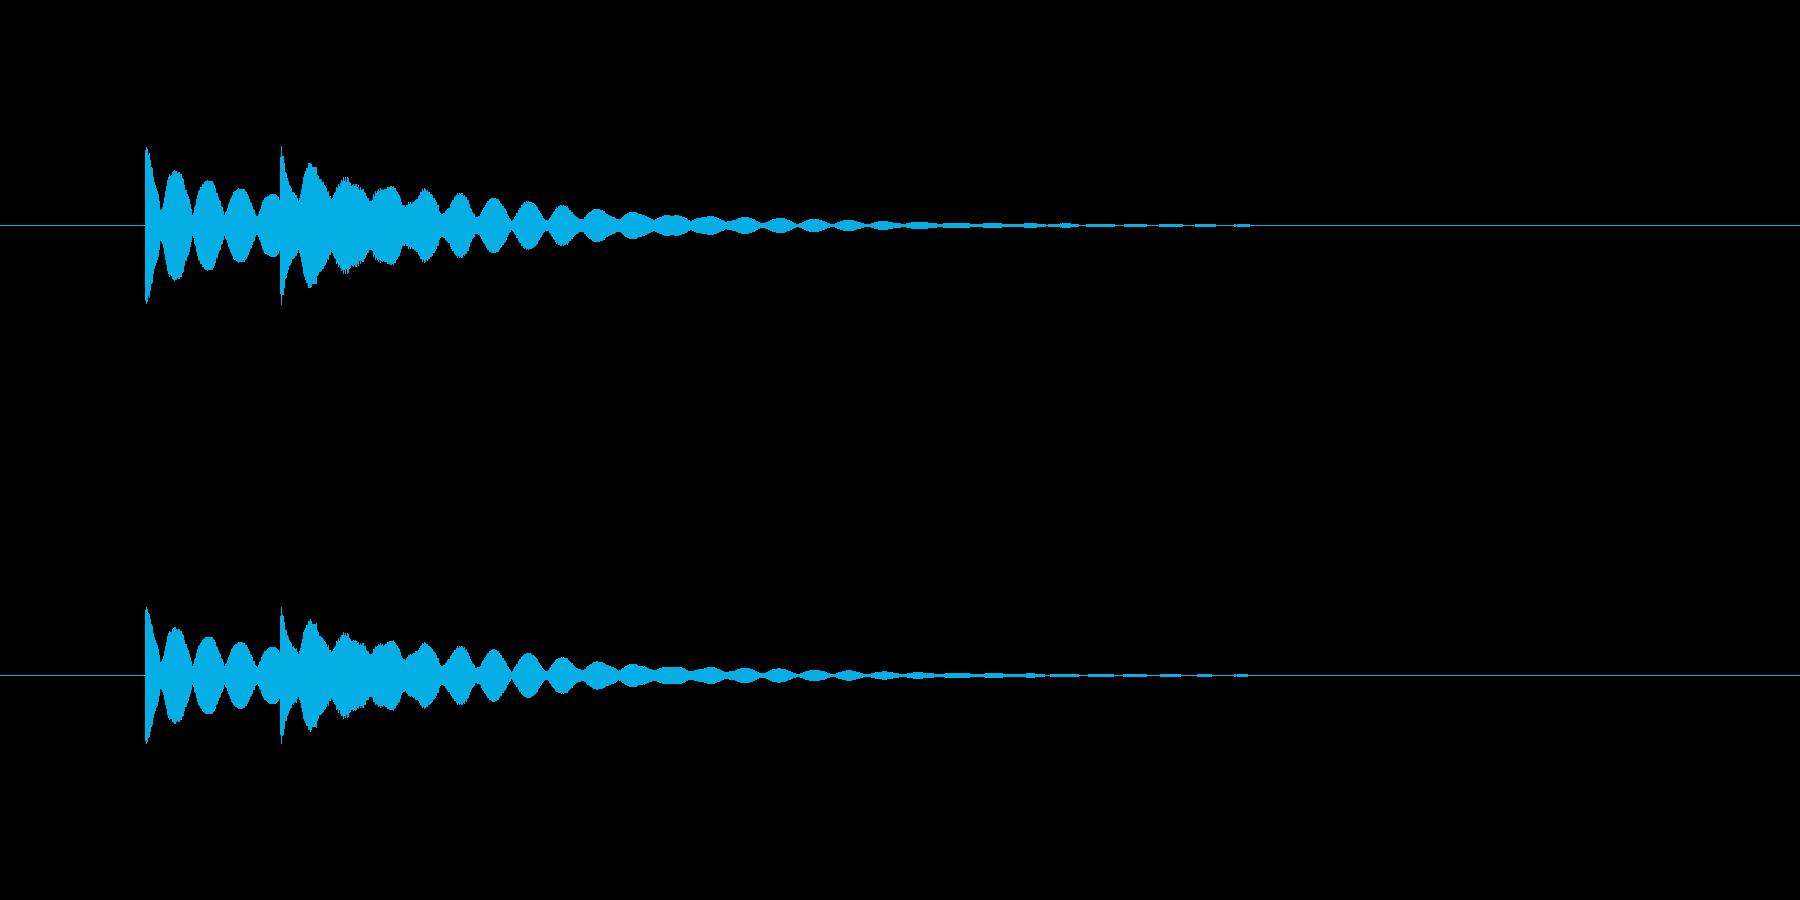 ピンポン(注目、ベル、お知らせ)の再生済みの波形